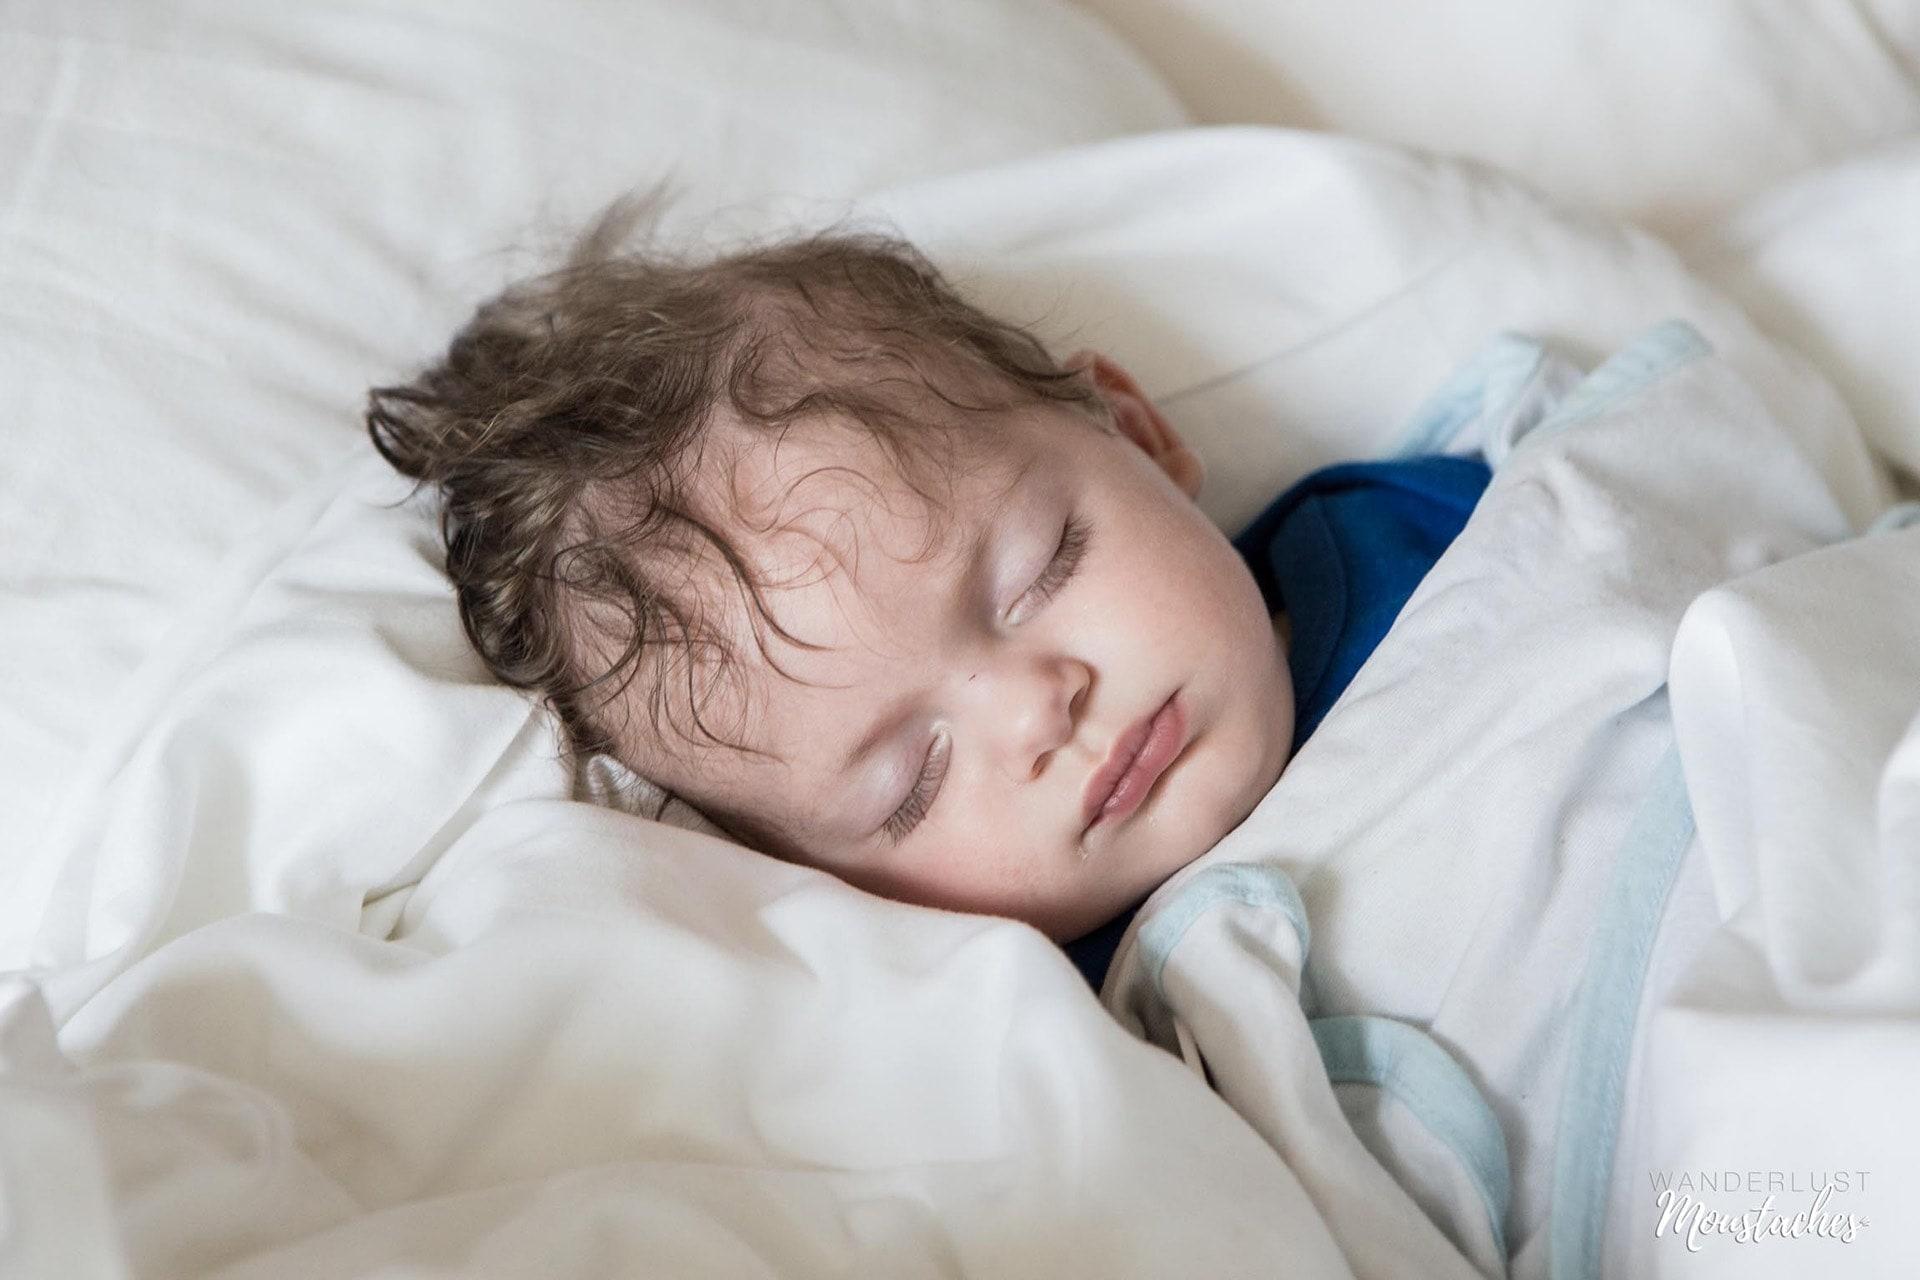 Soren, bébé de 4 mois dort dans lit de l'hôtel à Saint-Malo